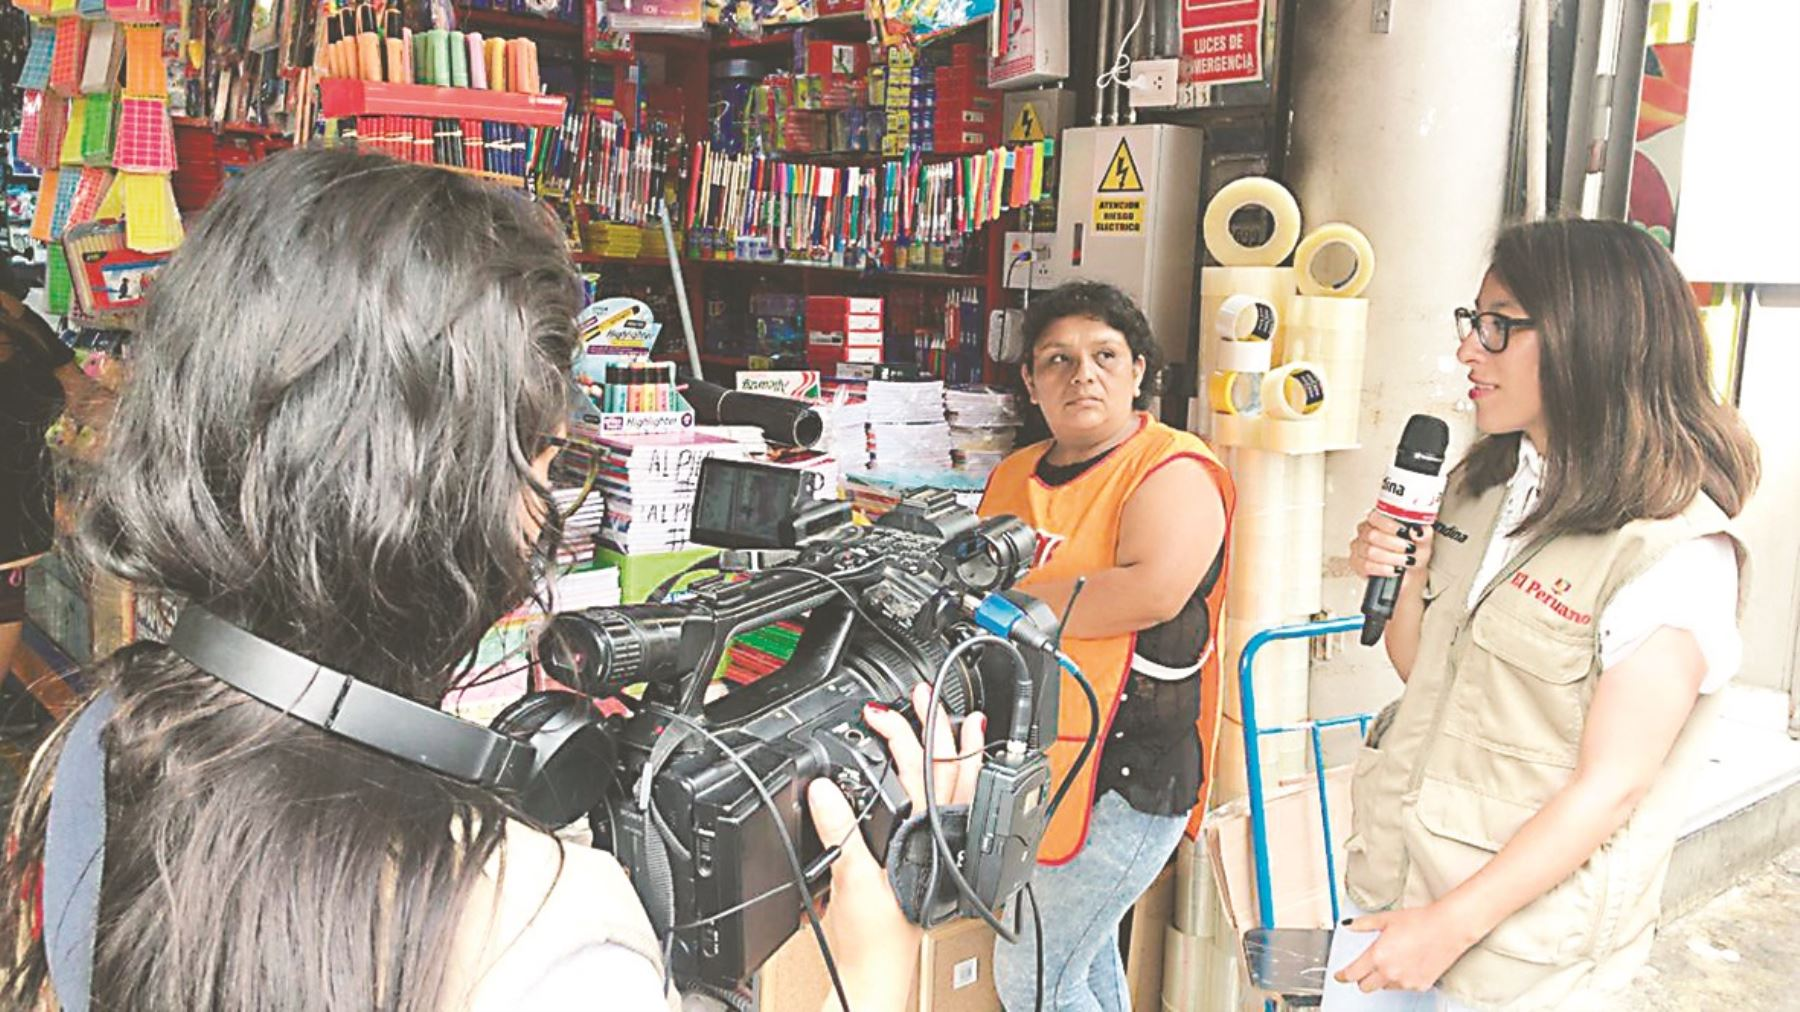 Universitarios ganadores y finalistas del VI Concurso de Periodismo 'Trata de personas: mejores prácticas para su abordaje periodístico', participaron de la pasantía por un día 'Vive Andina', de Editora Perú.